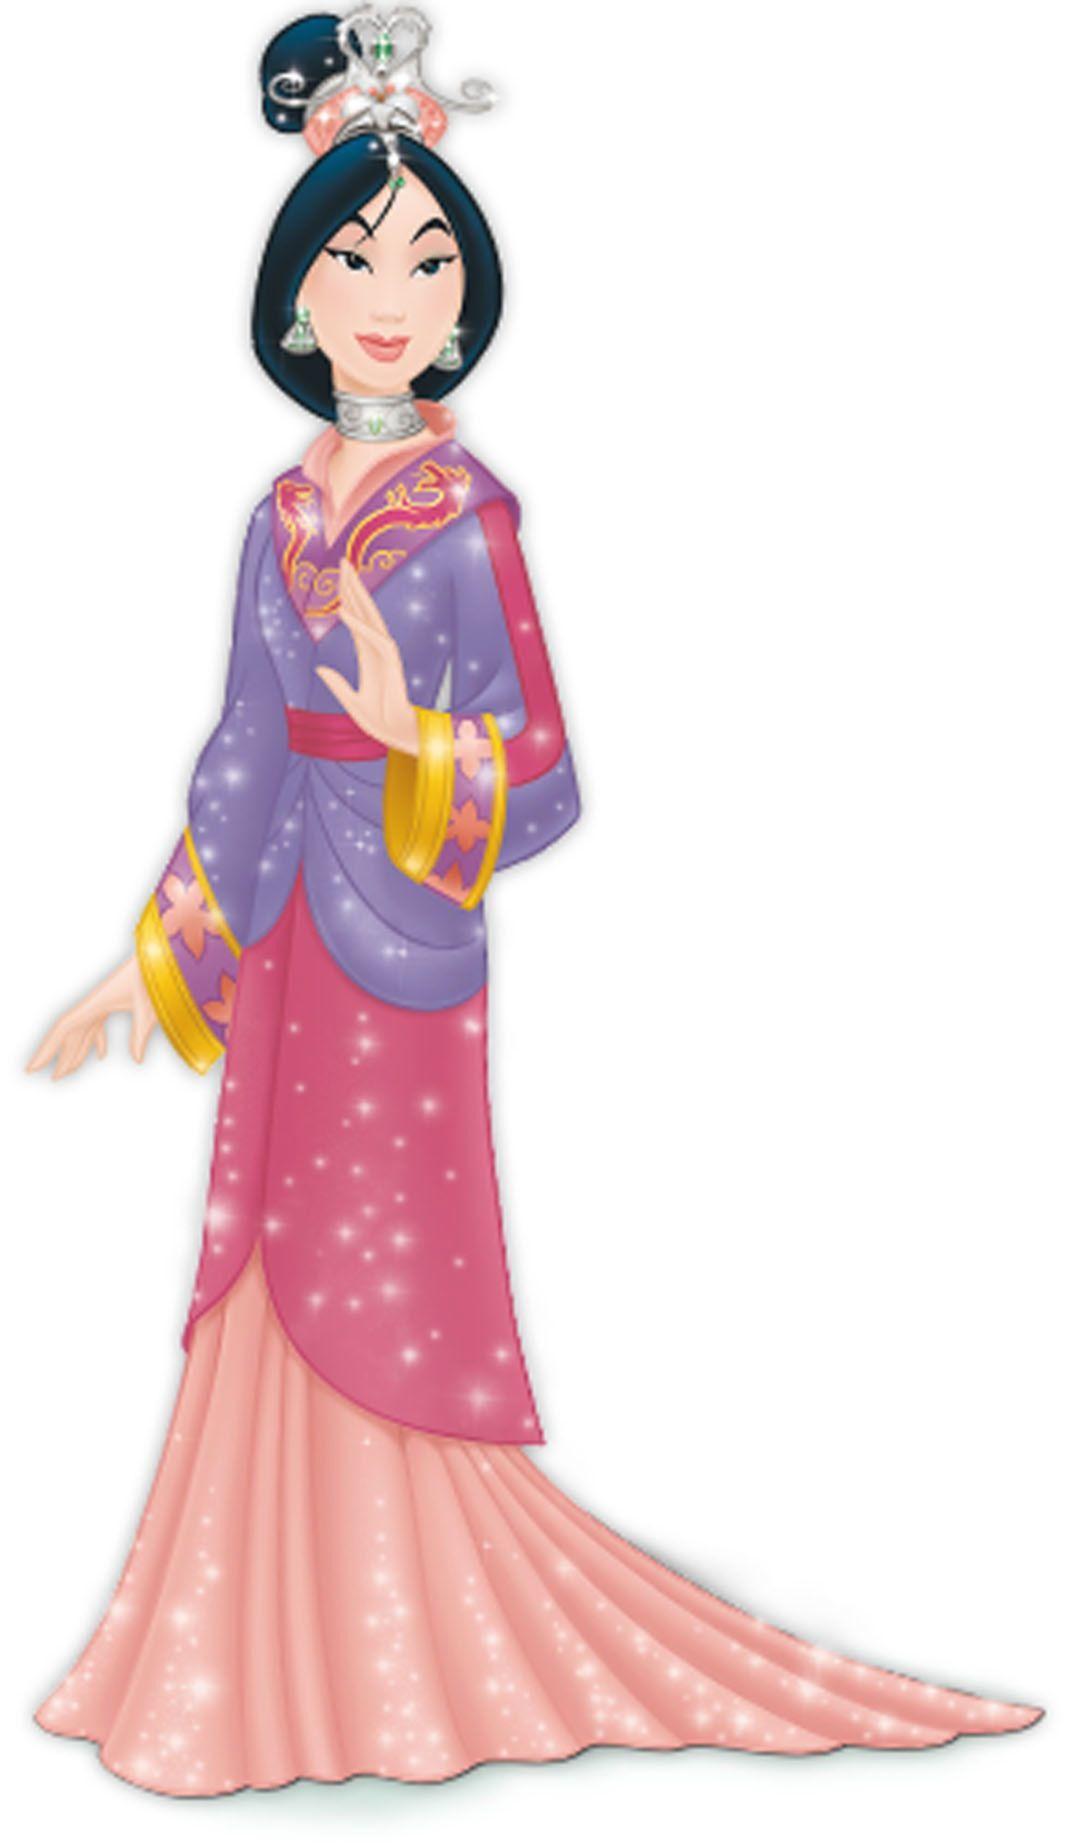 Disney princess mulan princess mulan disney princess - Princesse mulan ...